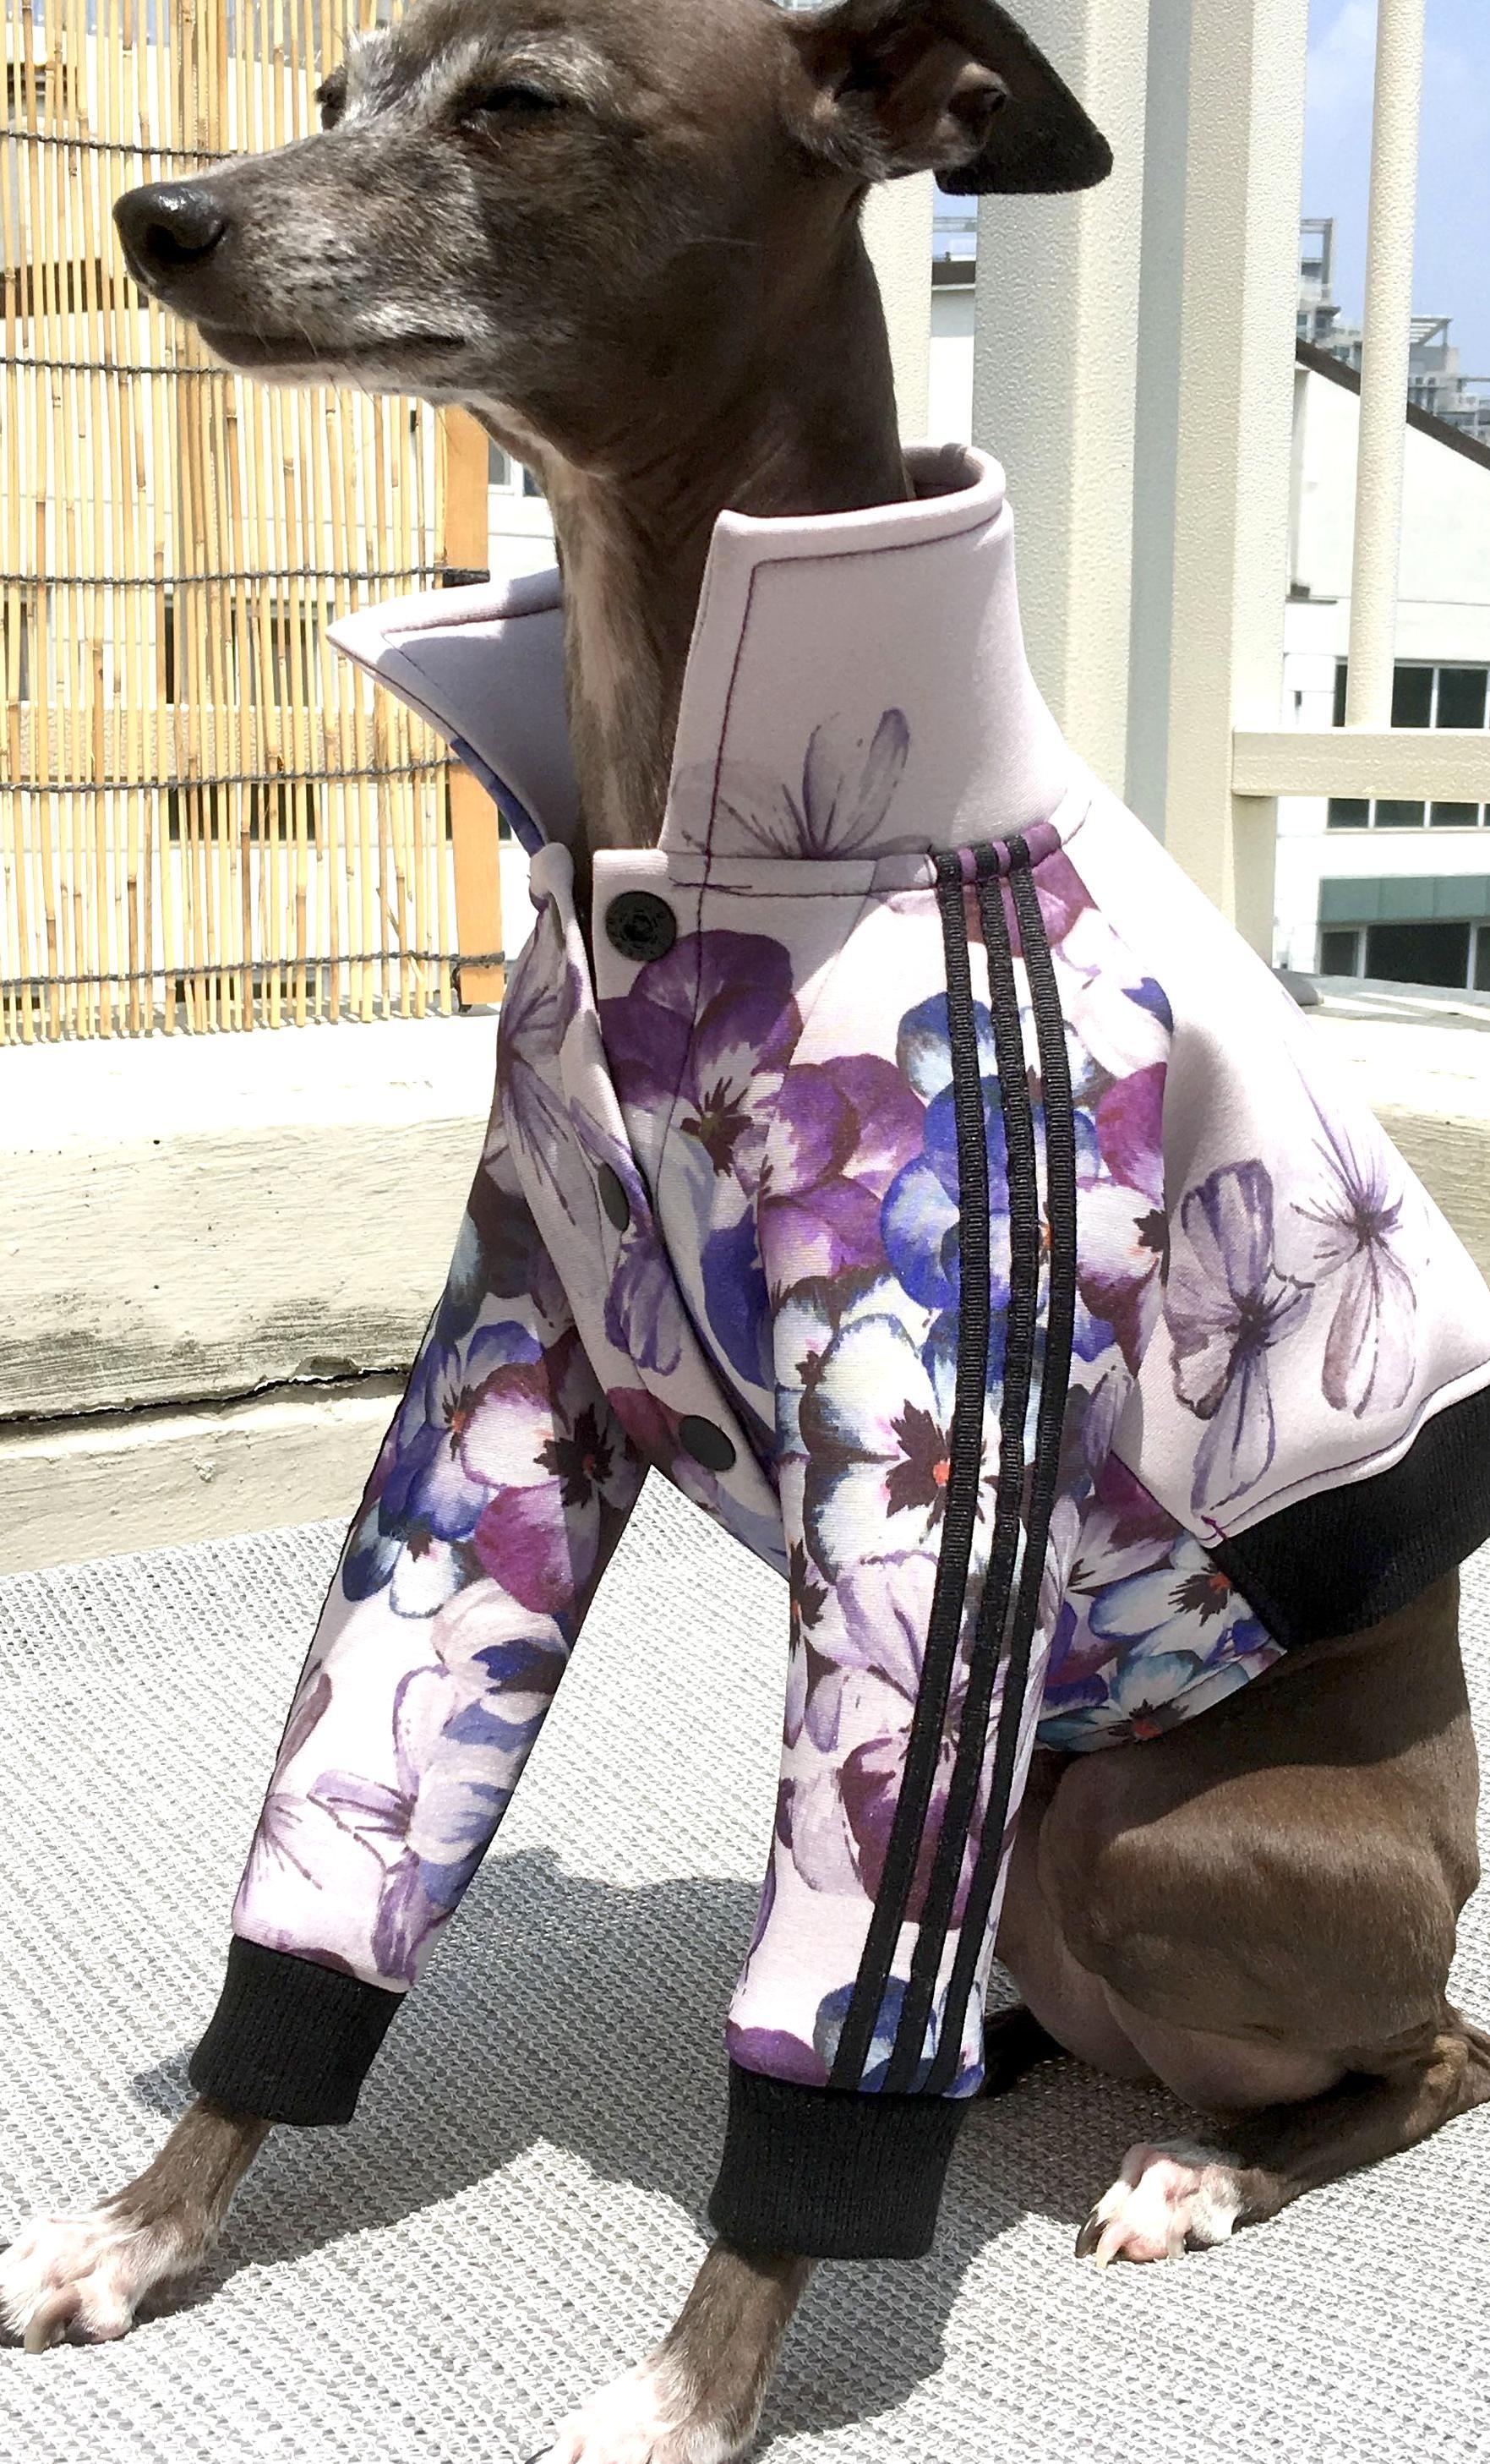 taliangreyhound wear adidas jersey jacket DO NOT COPY